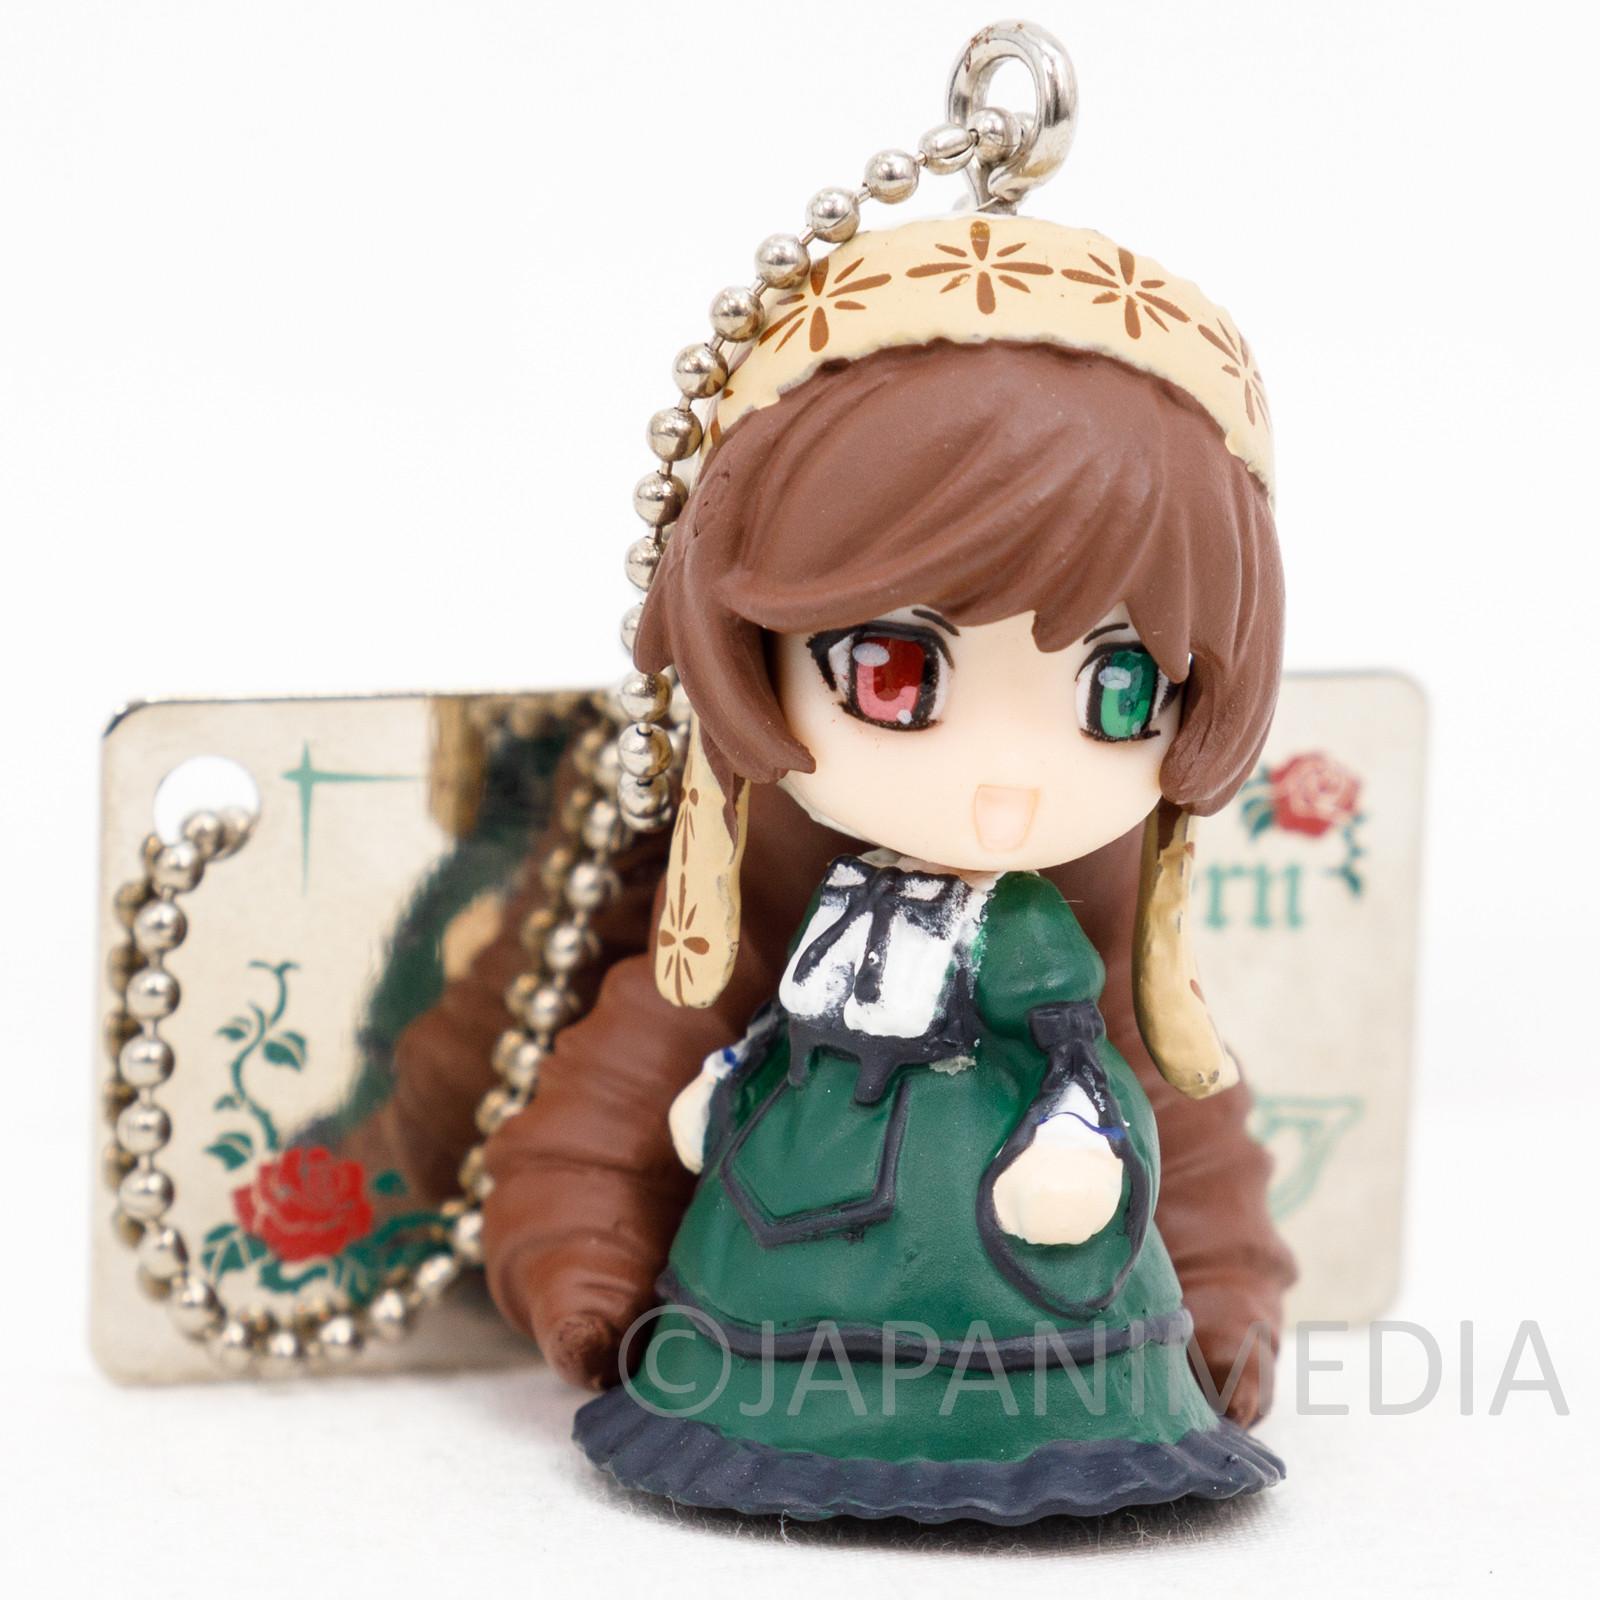 Rozen Maiden Suiseiseki Mascot Figure Ballchain Yujin JAPAN ANIME